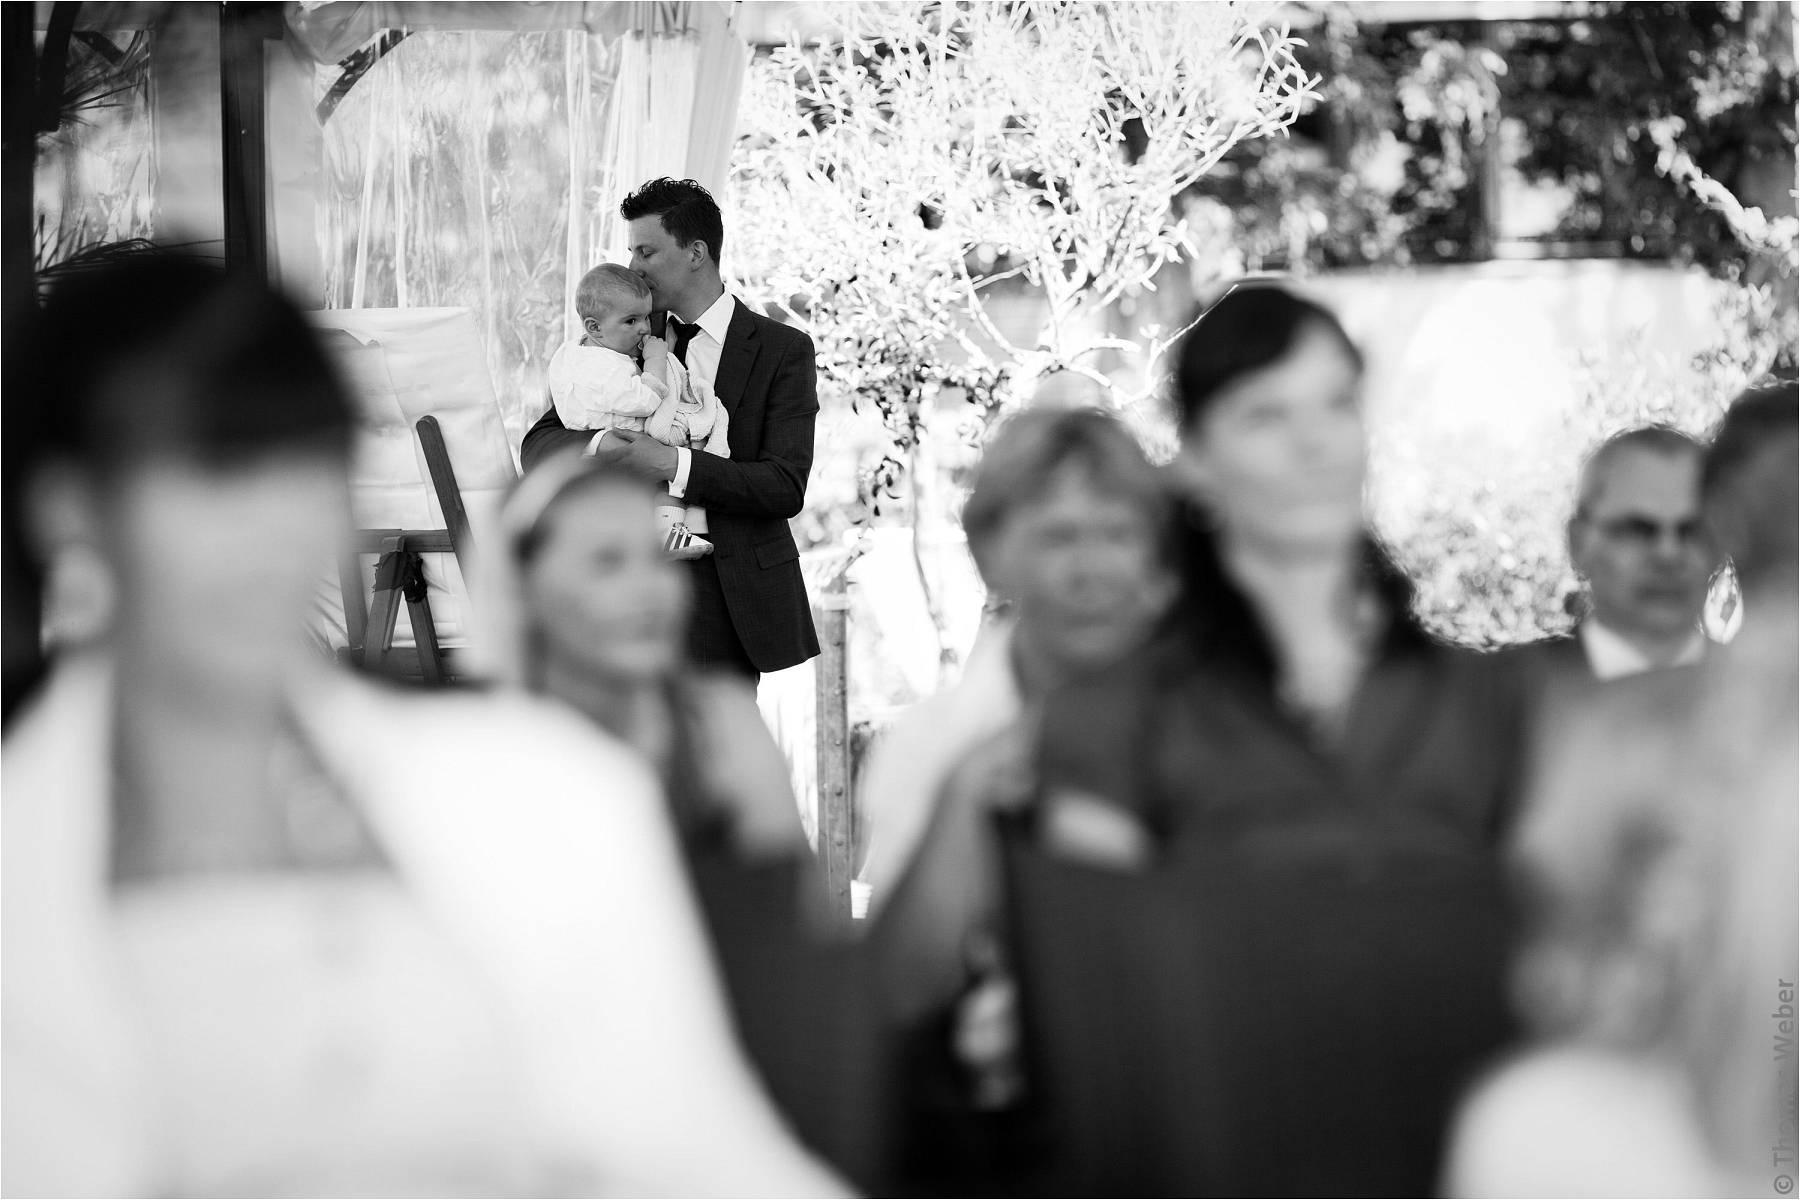 Hochzeitsfotograf Rangsdorf (Berlin): Hochzeit auf der Insel Falkenstein in Rangsdorf nahe Berlin (16)